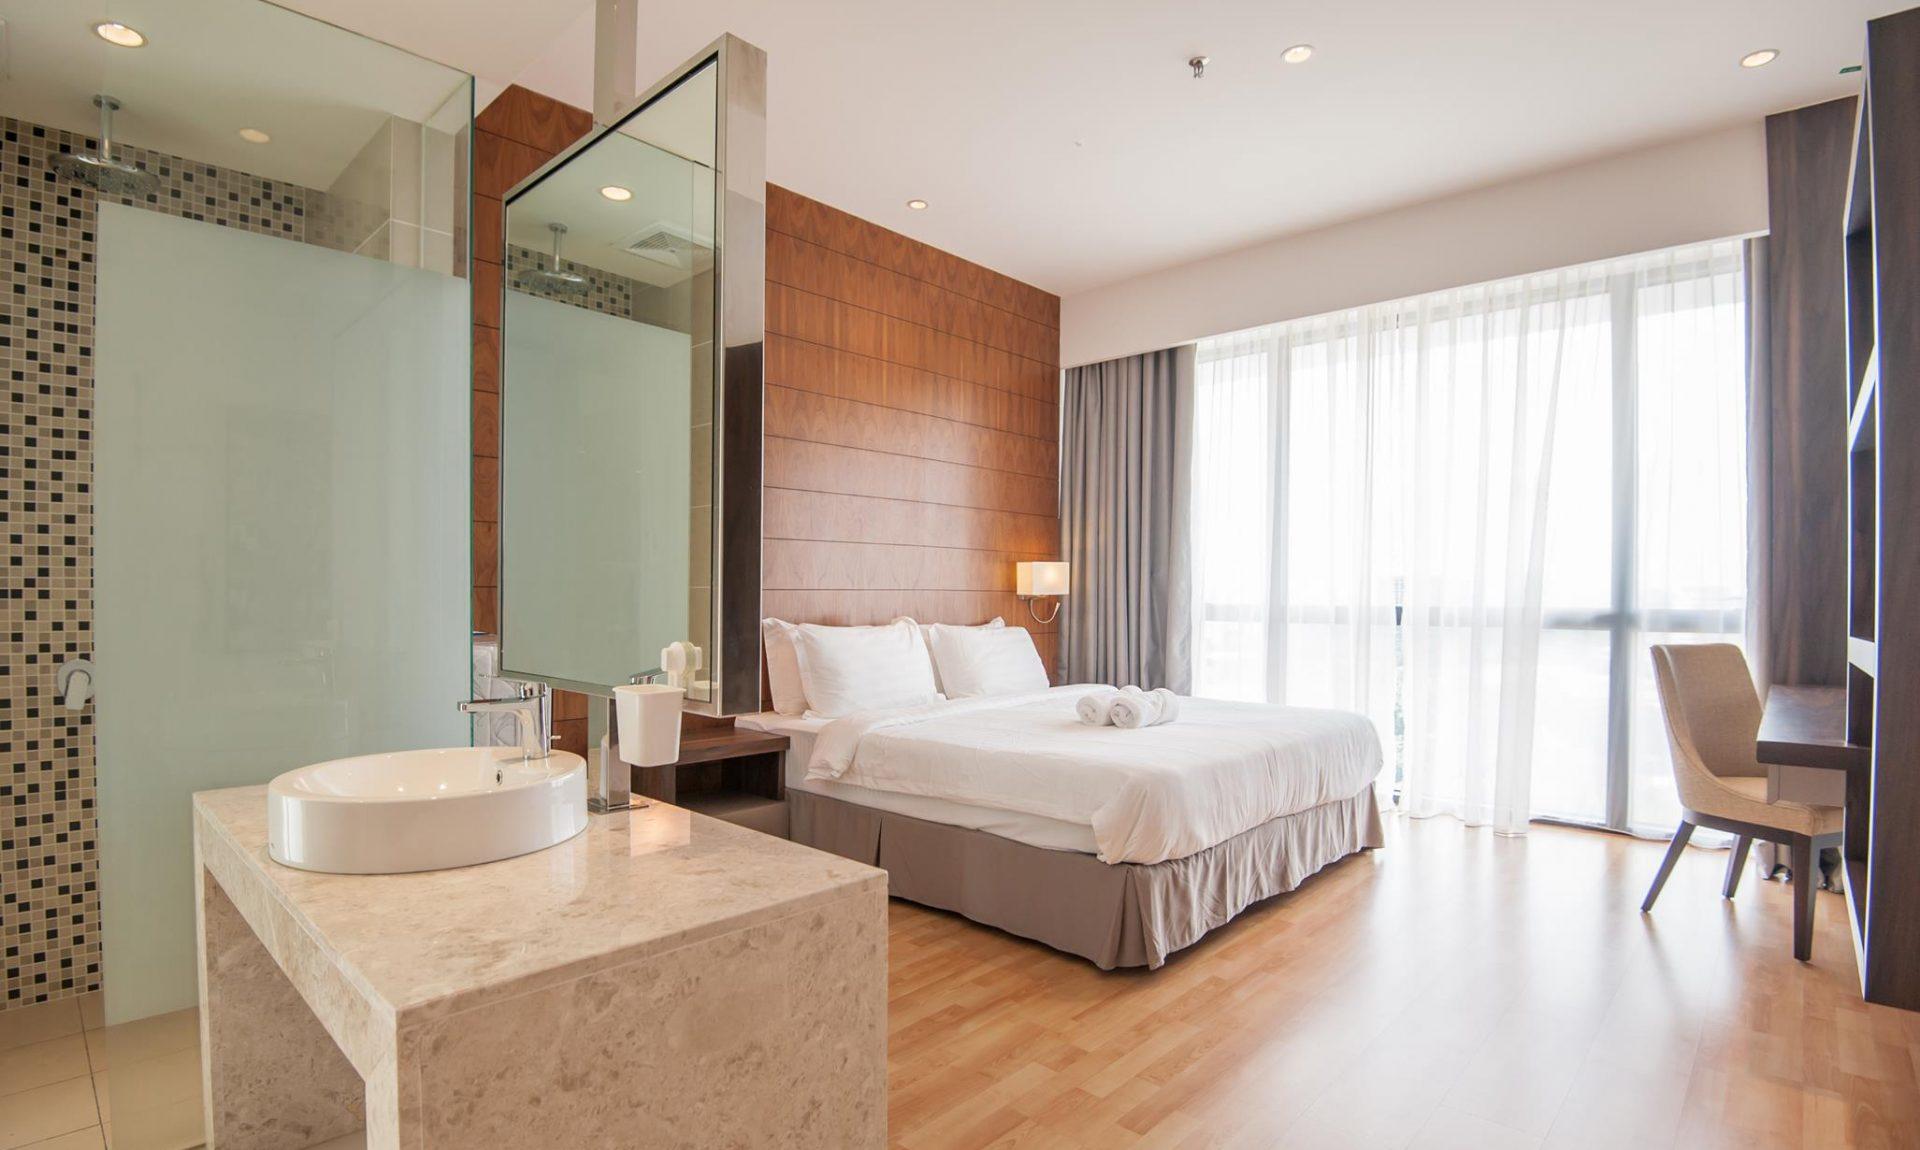 D_Majestic_2 Bedroom Apartment 003